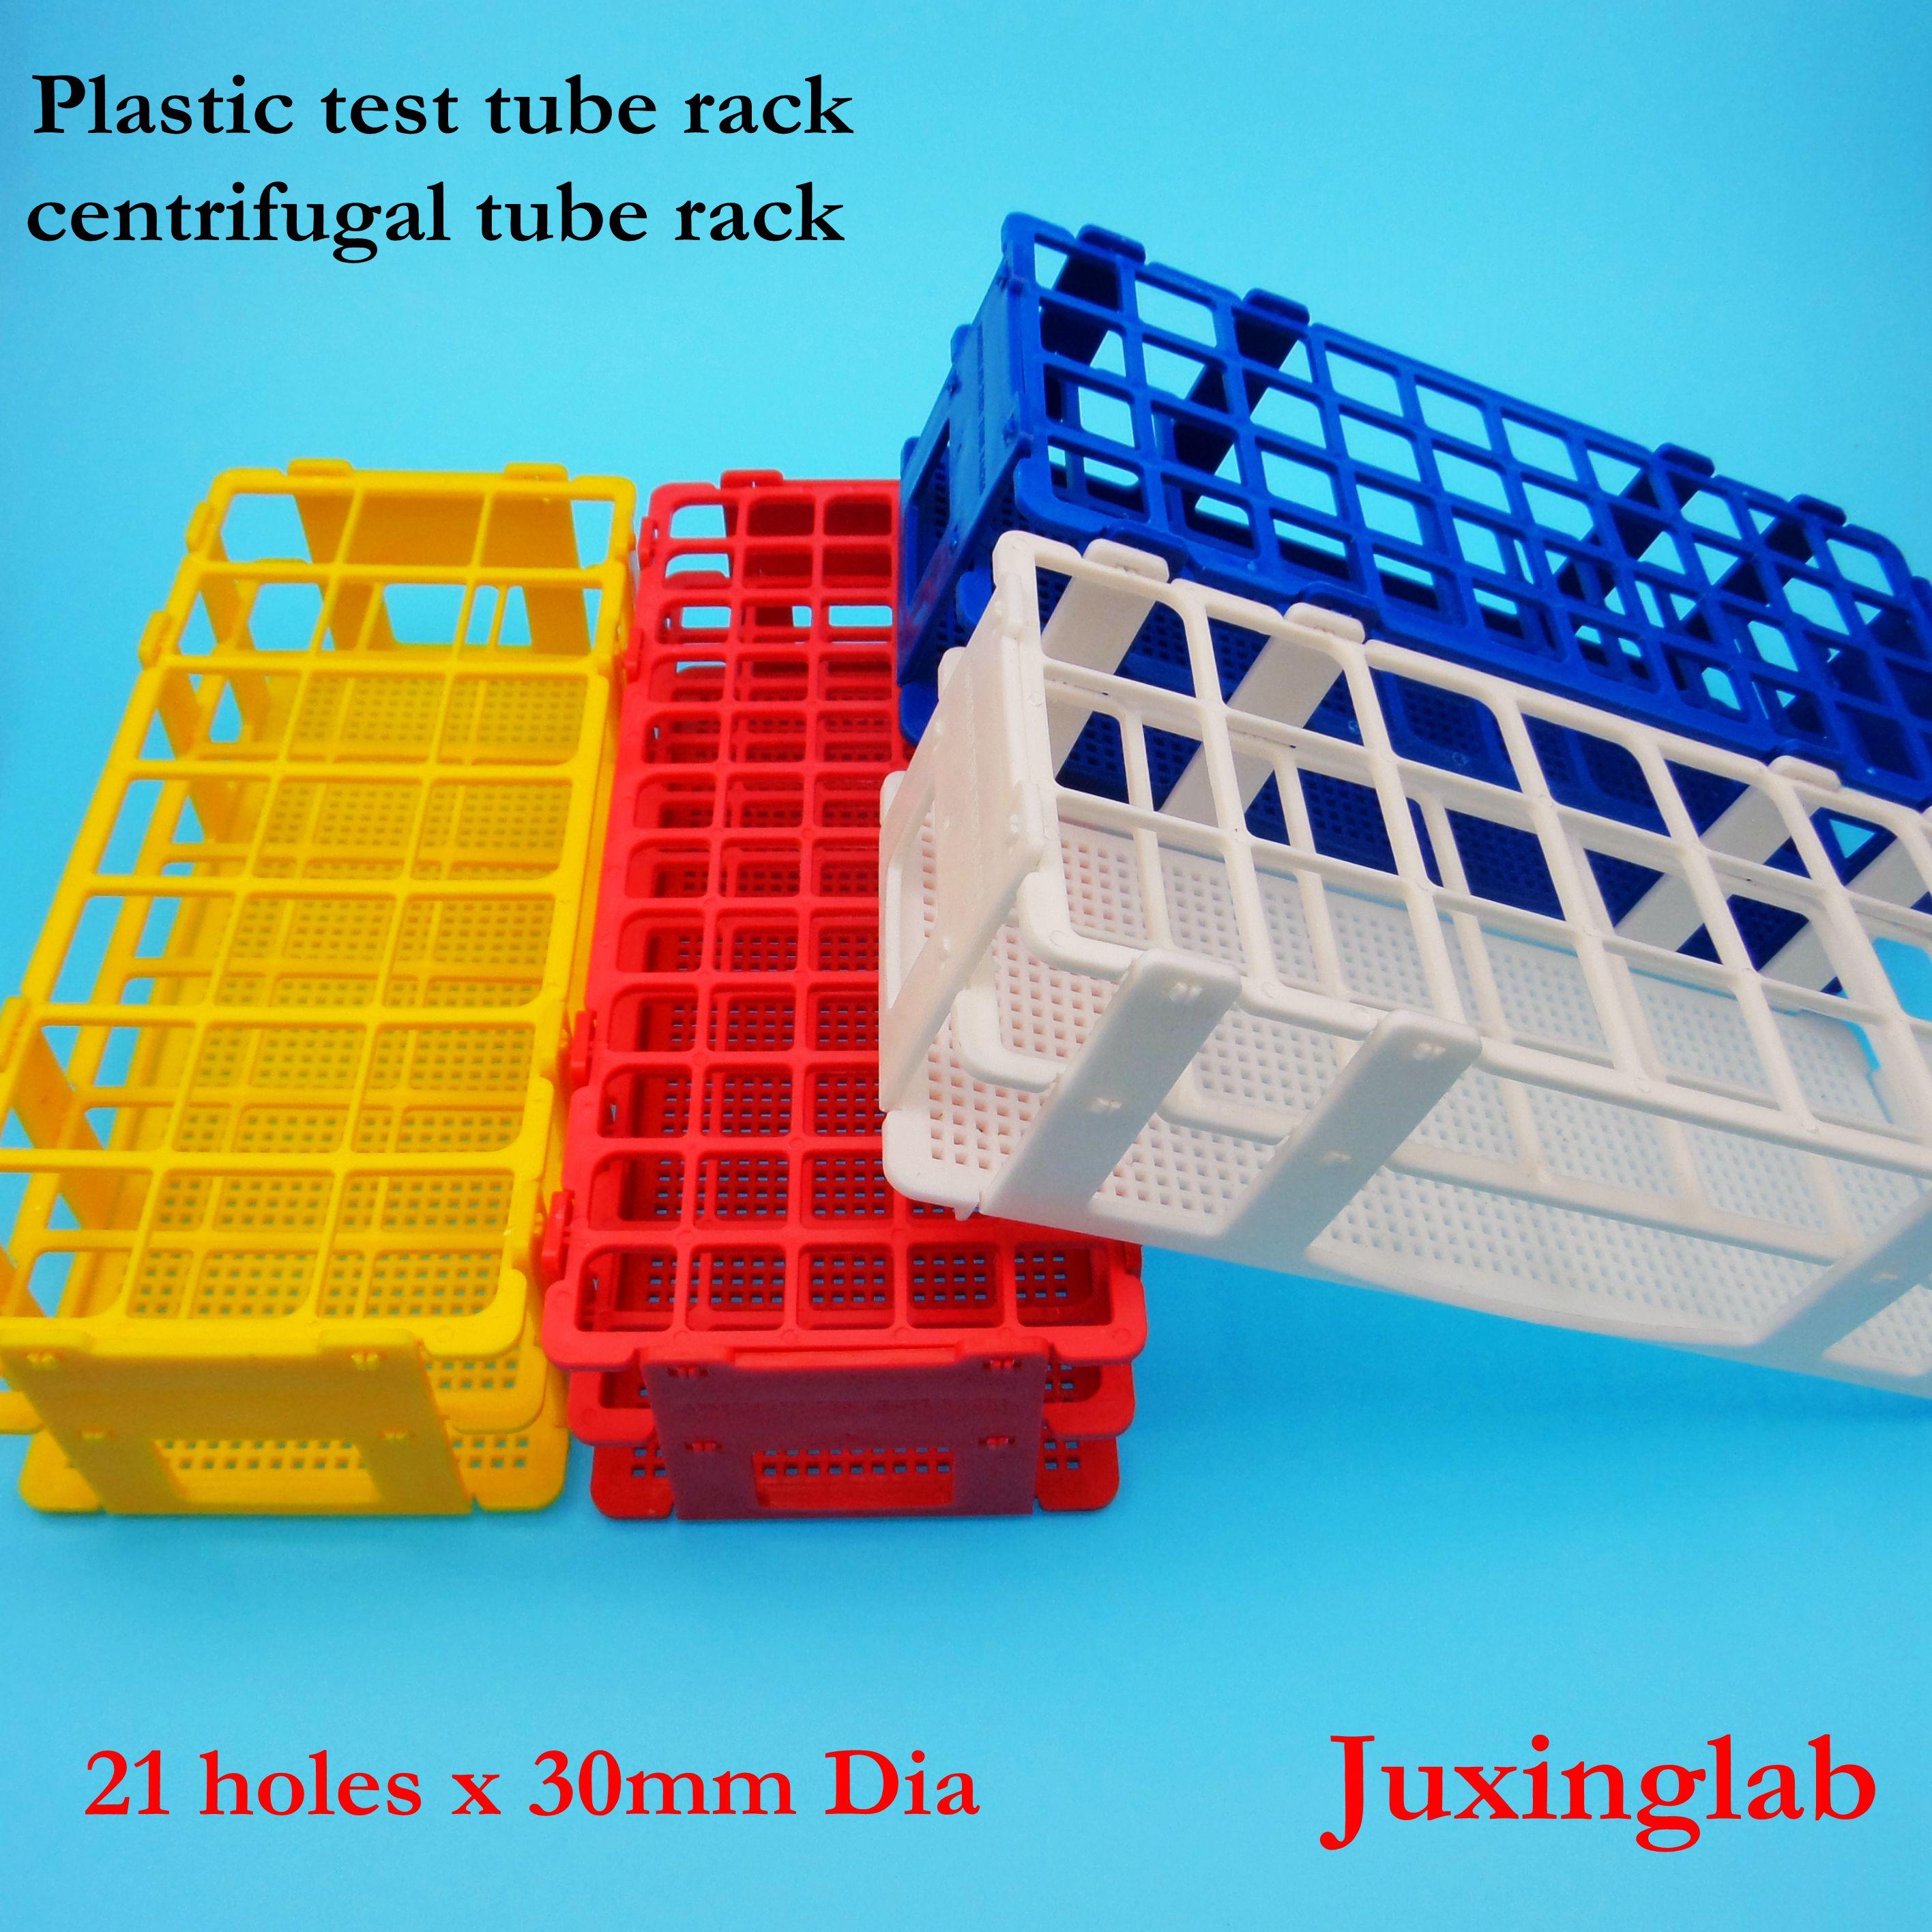 Laboratory Plastic Test Tube Racks 21 Holes X 30mm Dia   Test Tube Rack 21places X 30mm Diameter 50ml Centrifugal Tube Rack